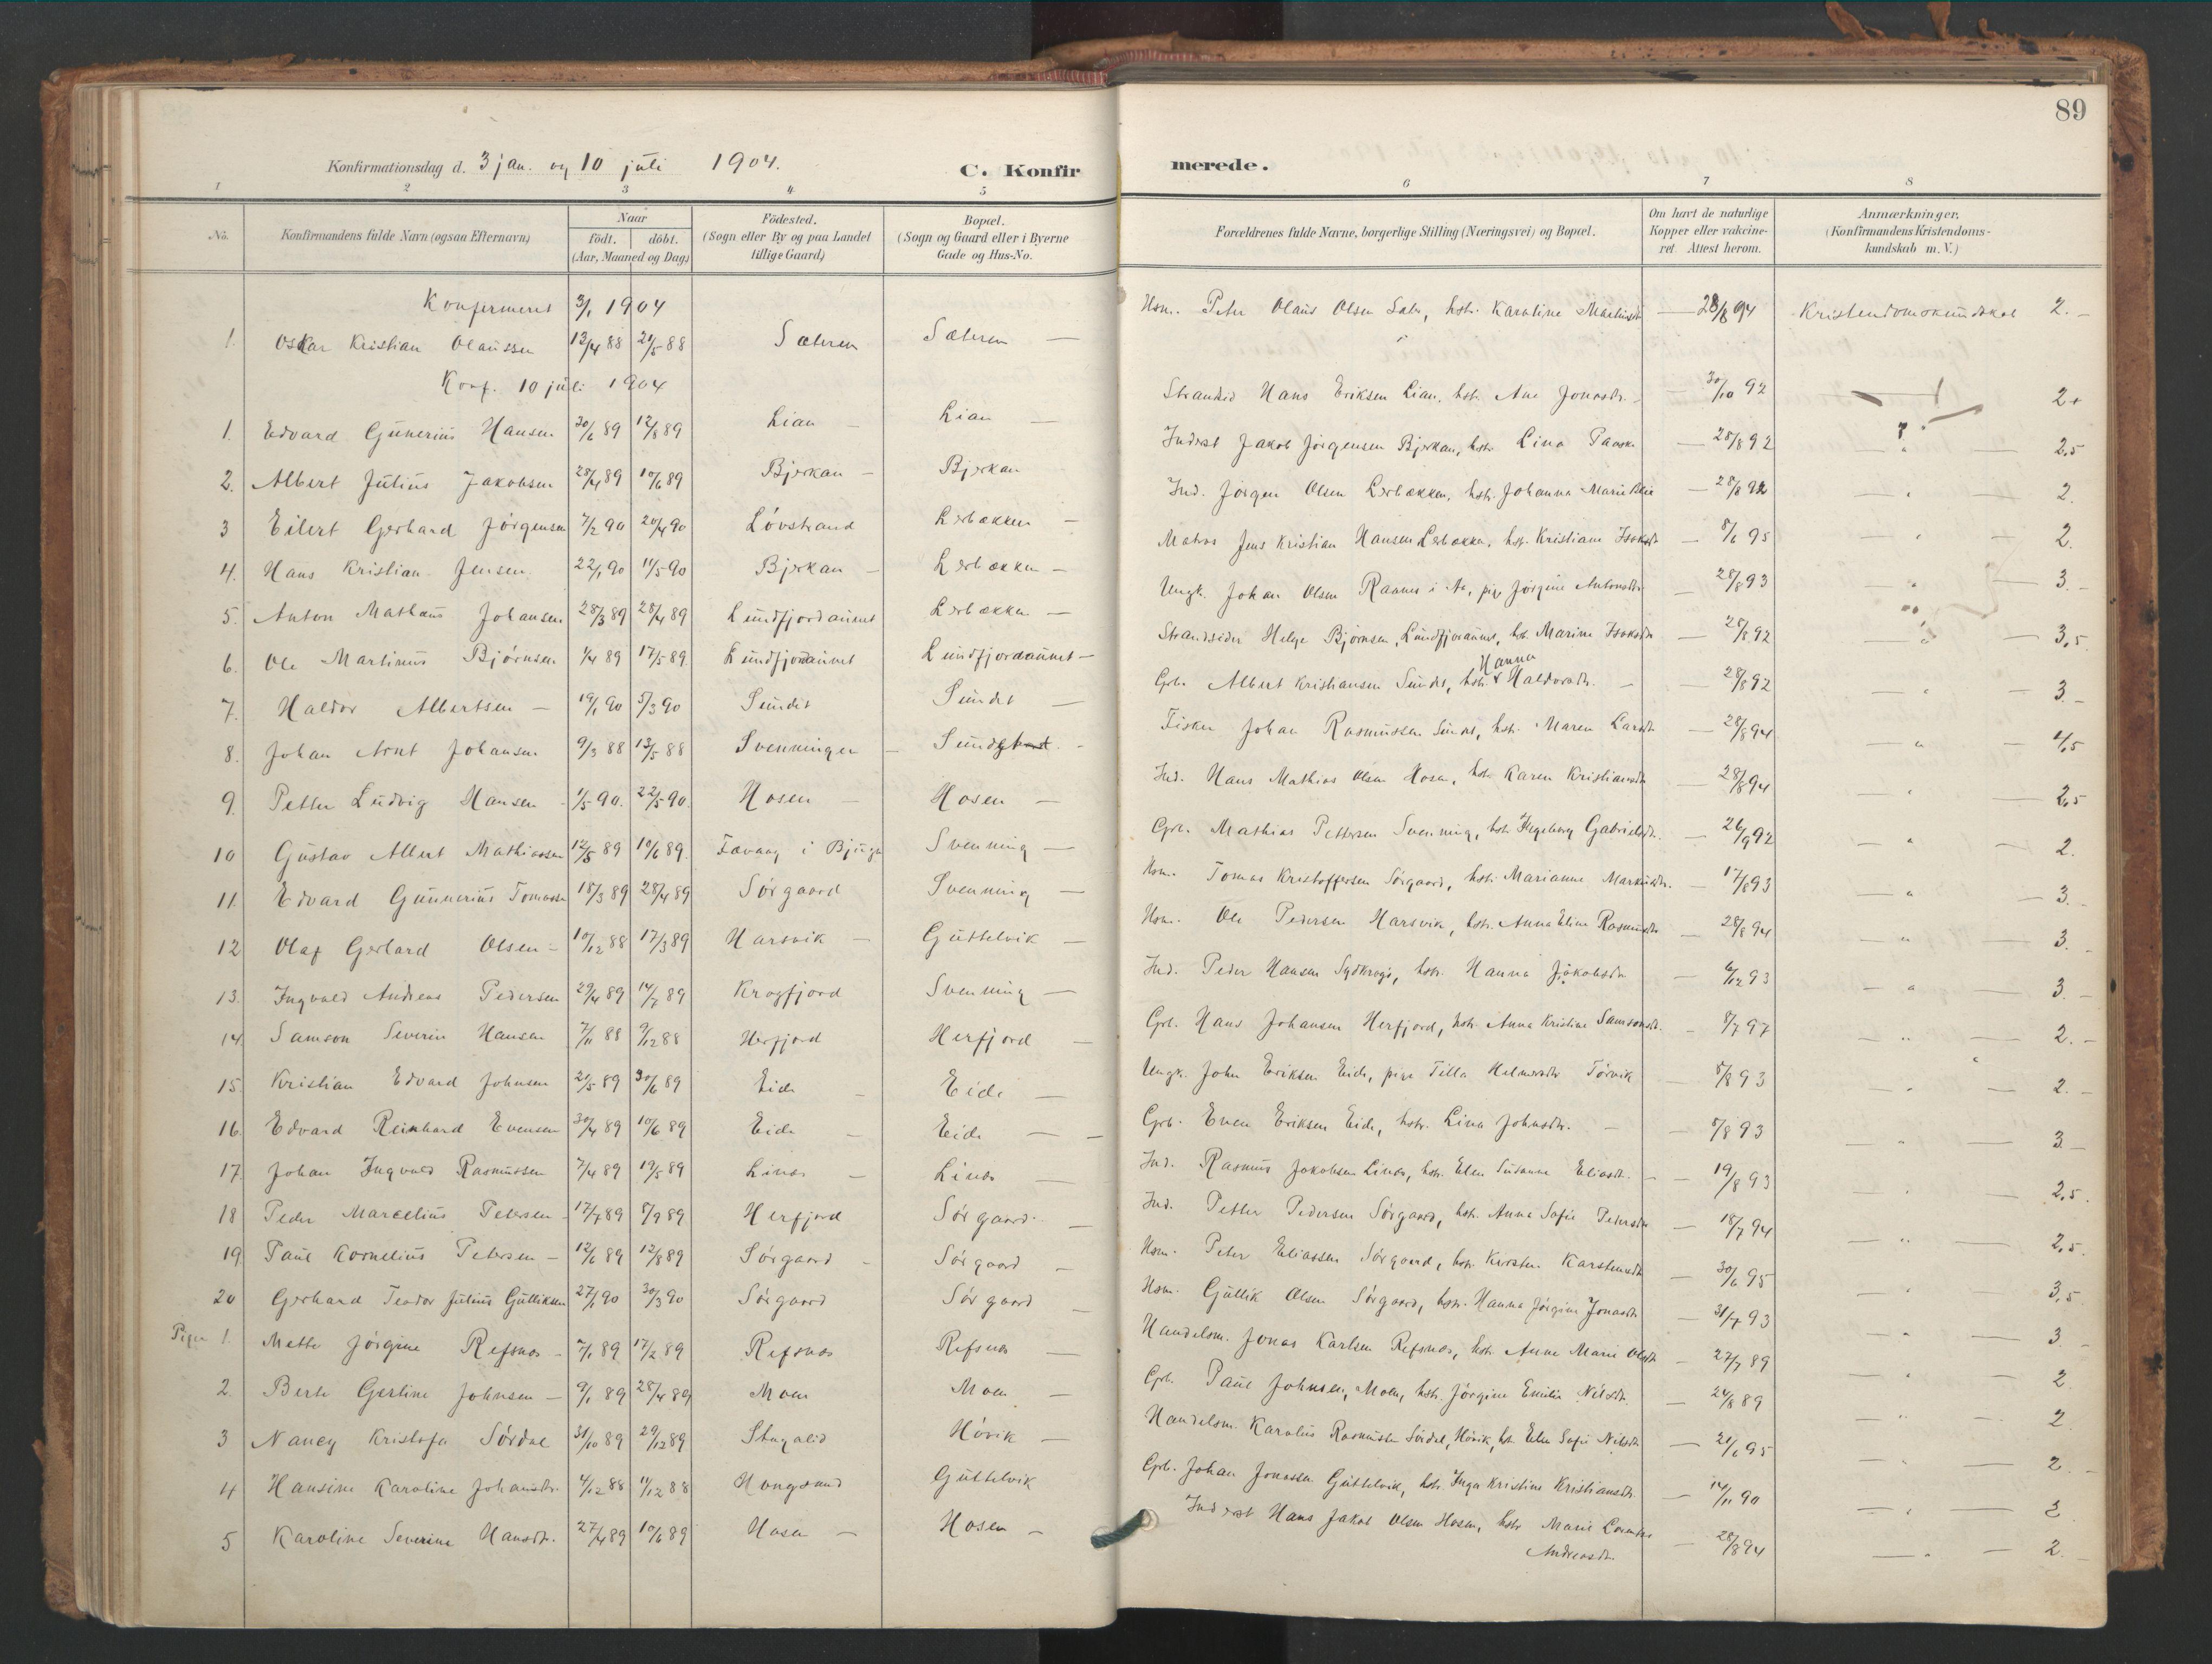 SAT, Ministerialprotokoller, klokkerbøker og fødselsregistre - Sør-Trøndelag, 656/L0693: Ministerialbok nr. 656A02, 1894-1913, s. 89